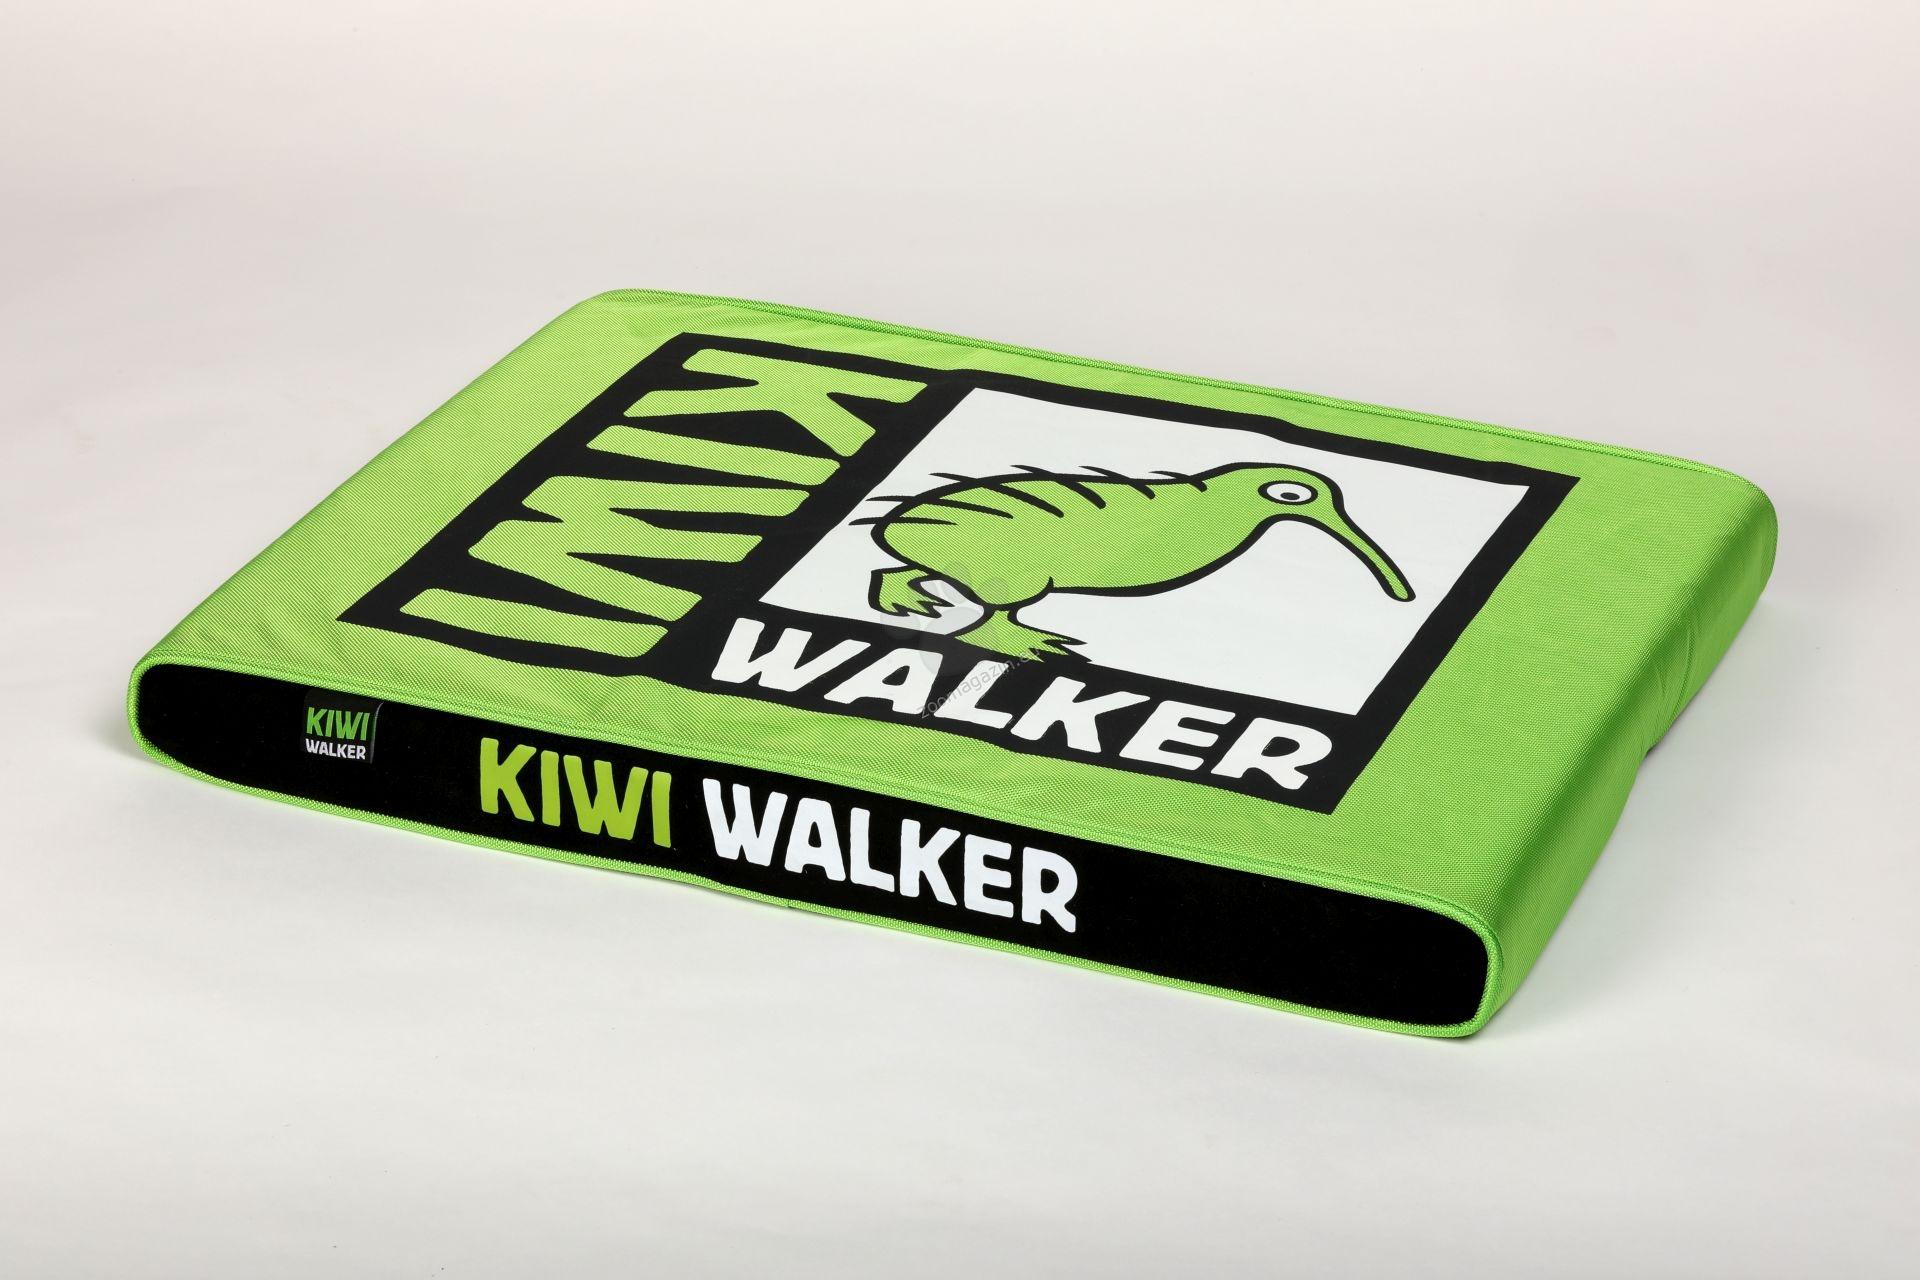 Kiwi Walker Mattress M - ортопедичен матрак с мемори пяна 65 / 45 / 6 см. / син, оранжев, зелен, кафяв, розов /